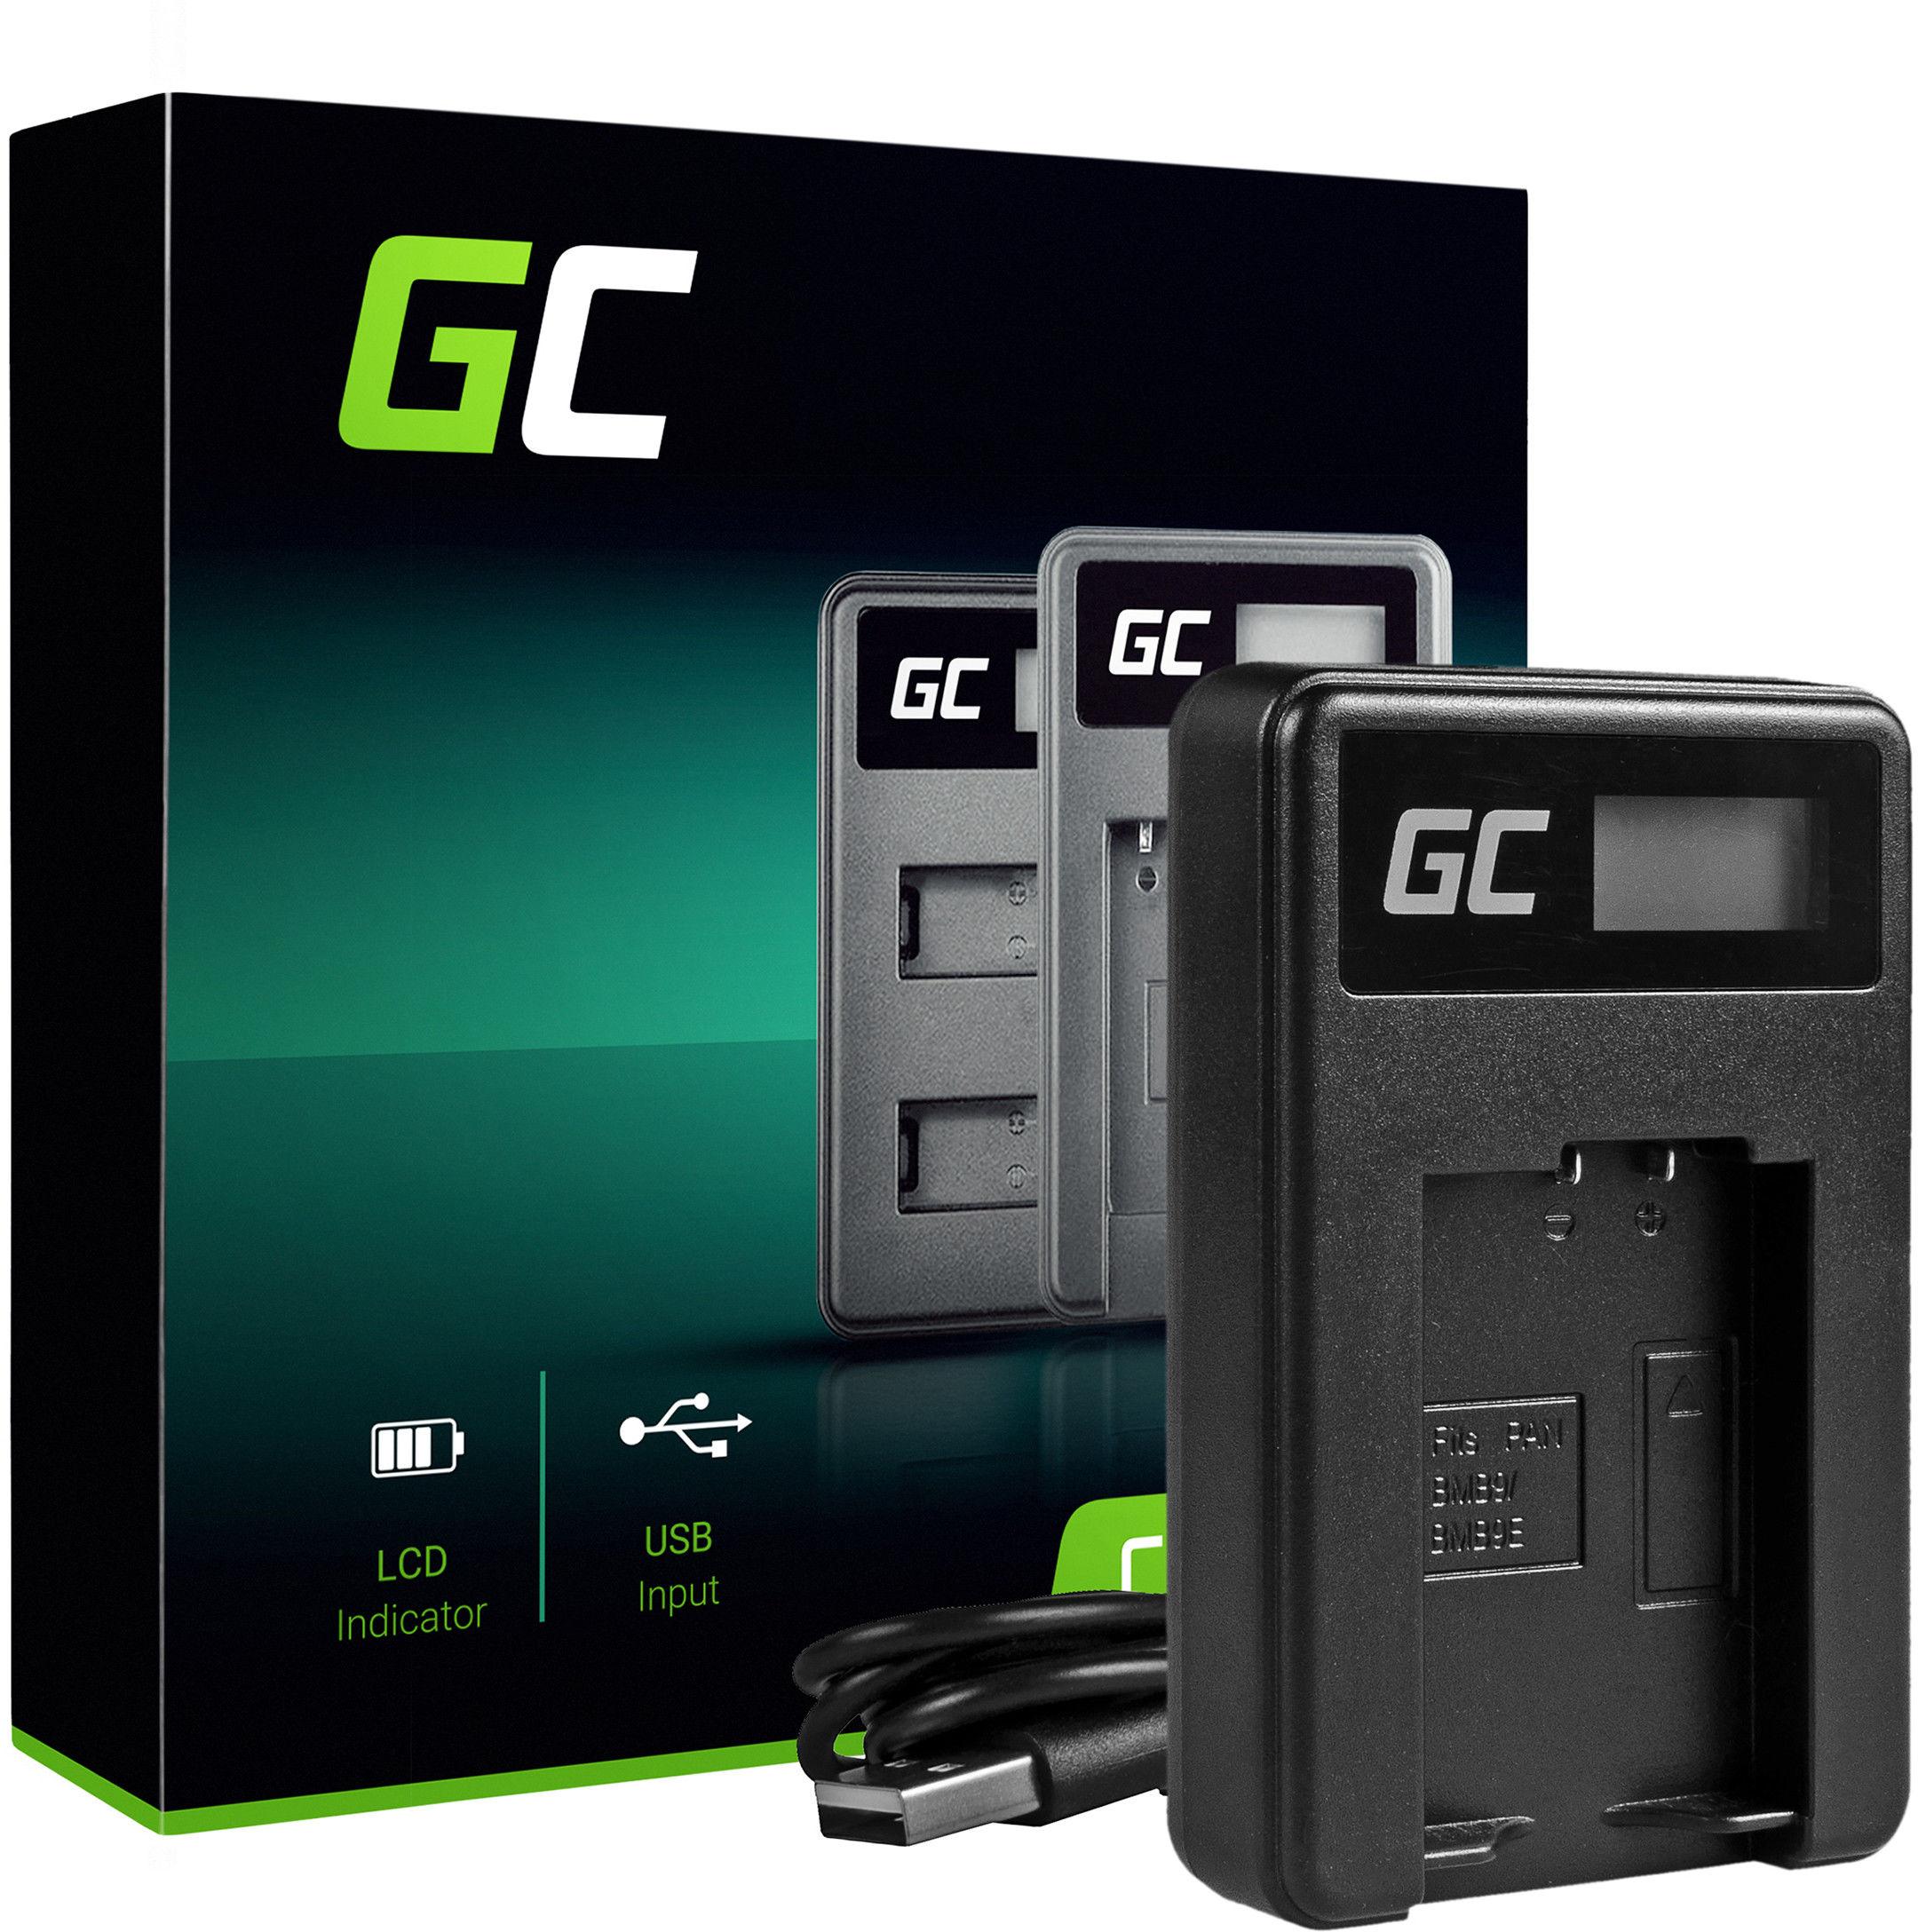 Ładowarka DE-A83, DE-A84 Green Cell  do Panasonic Lumix DC DMC FZ40 FZ47 FZ60 FZ70 FZ80 FZ100 FZ150 Leica V-LUX (8.4 5W 0.6A)